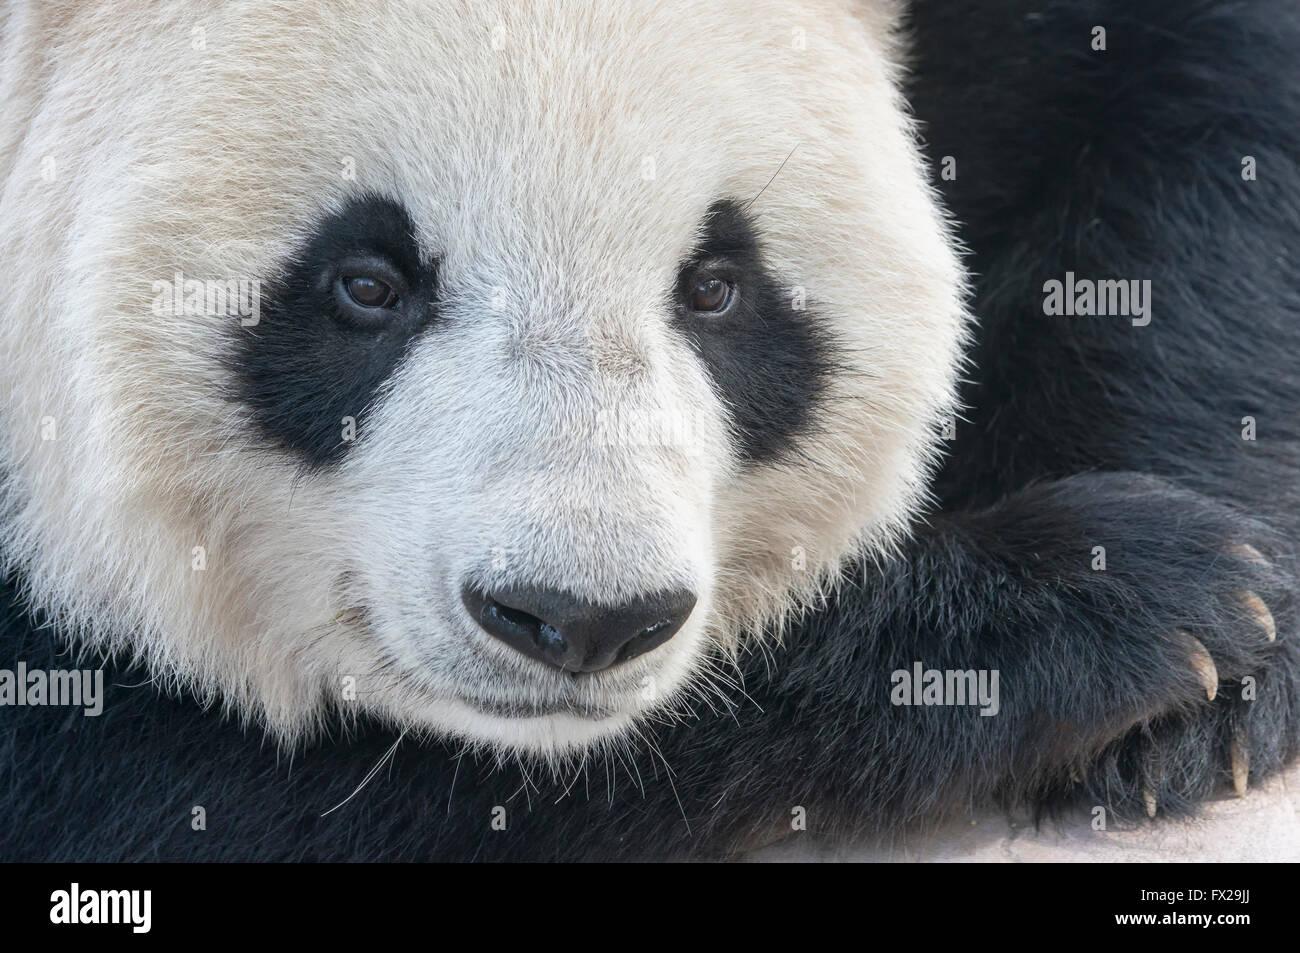 Adulto el panda gigante (Ailuropoda melanoleuca), China y el Centro de Investigación de la conservación Imagen De Stock